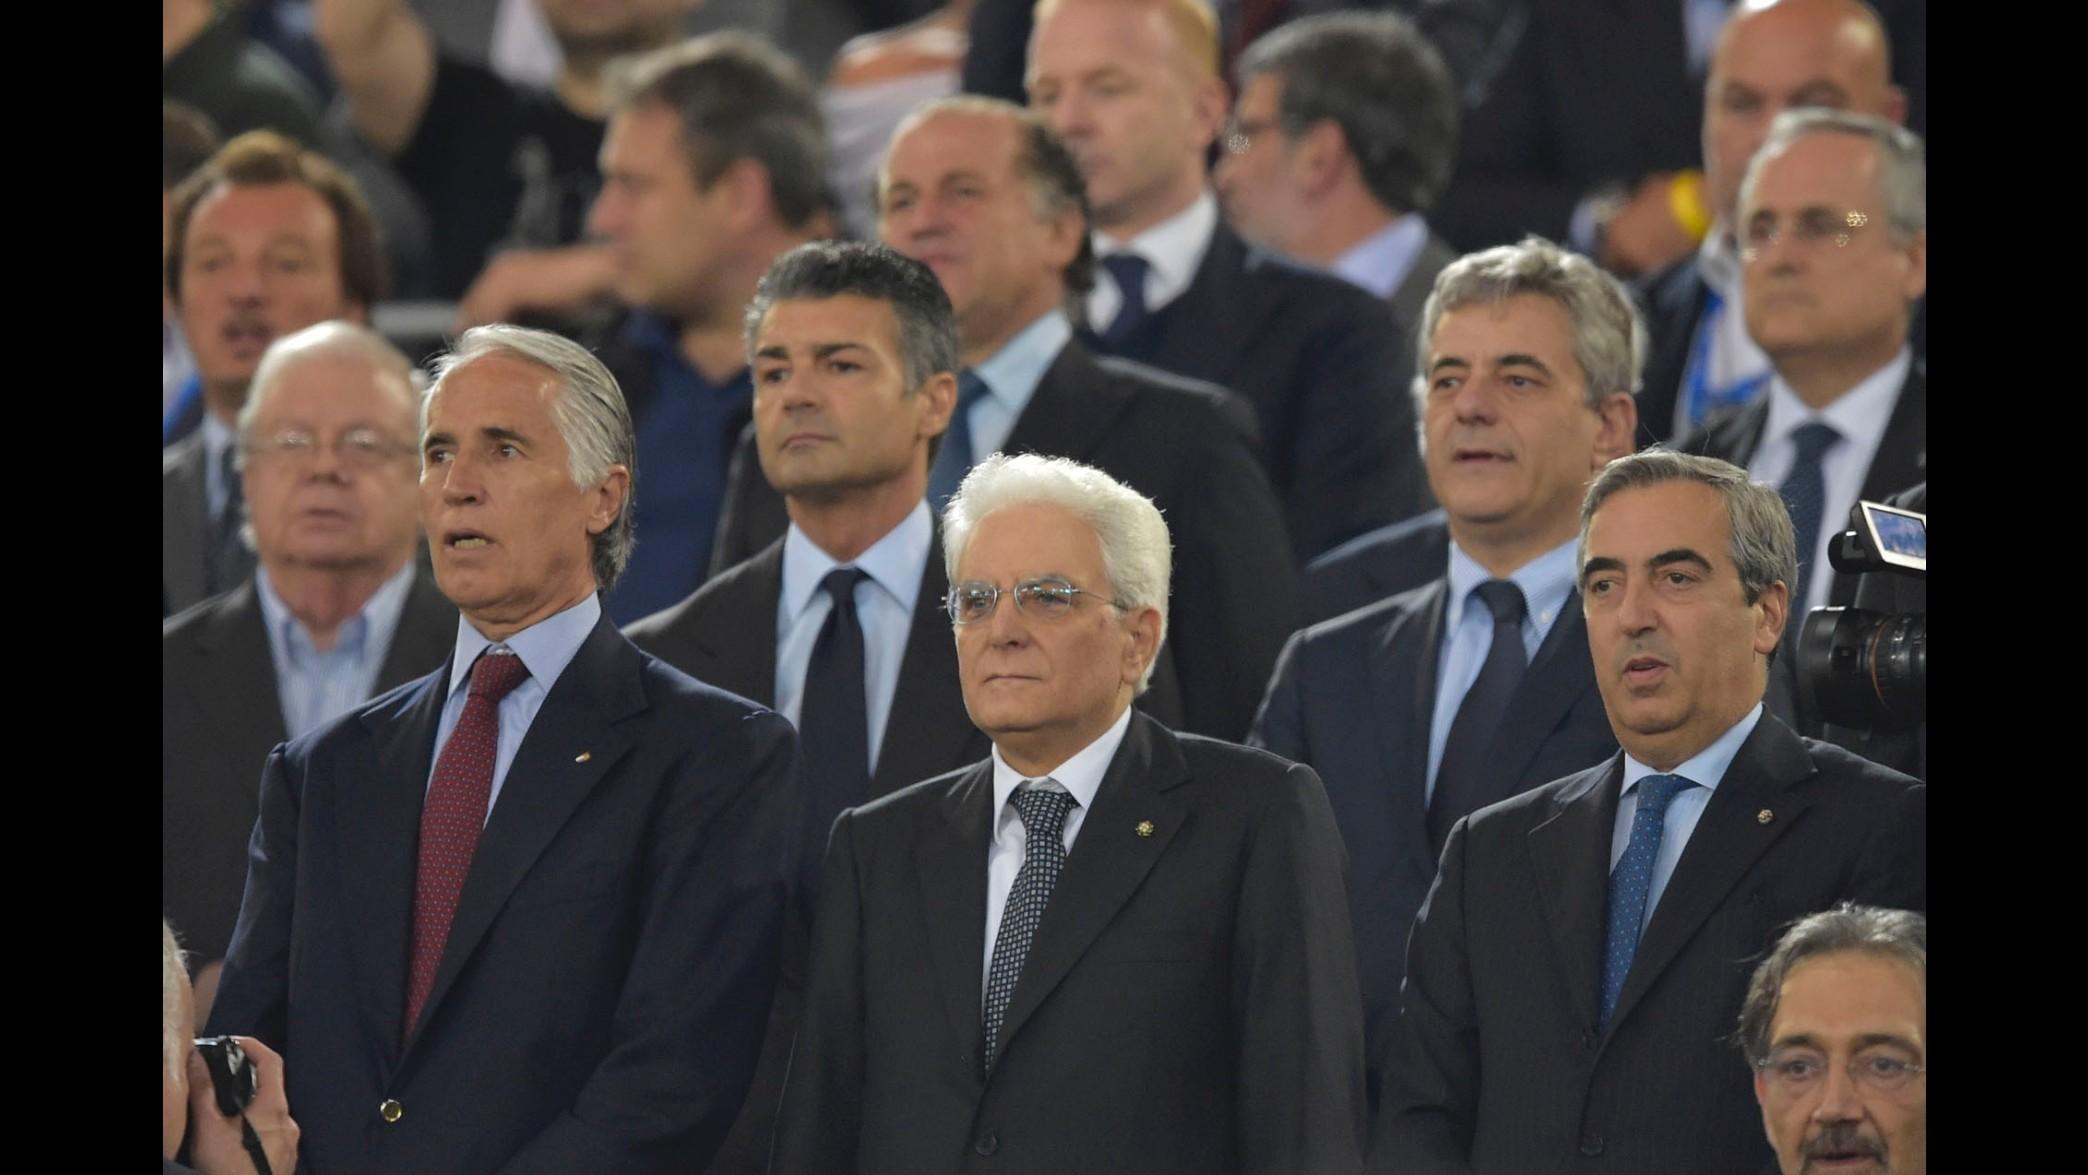 Calcioscommesse, Mattarella: Procedere rapidamente e con severità